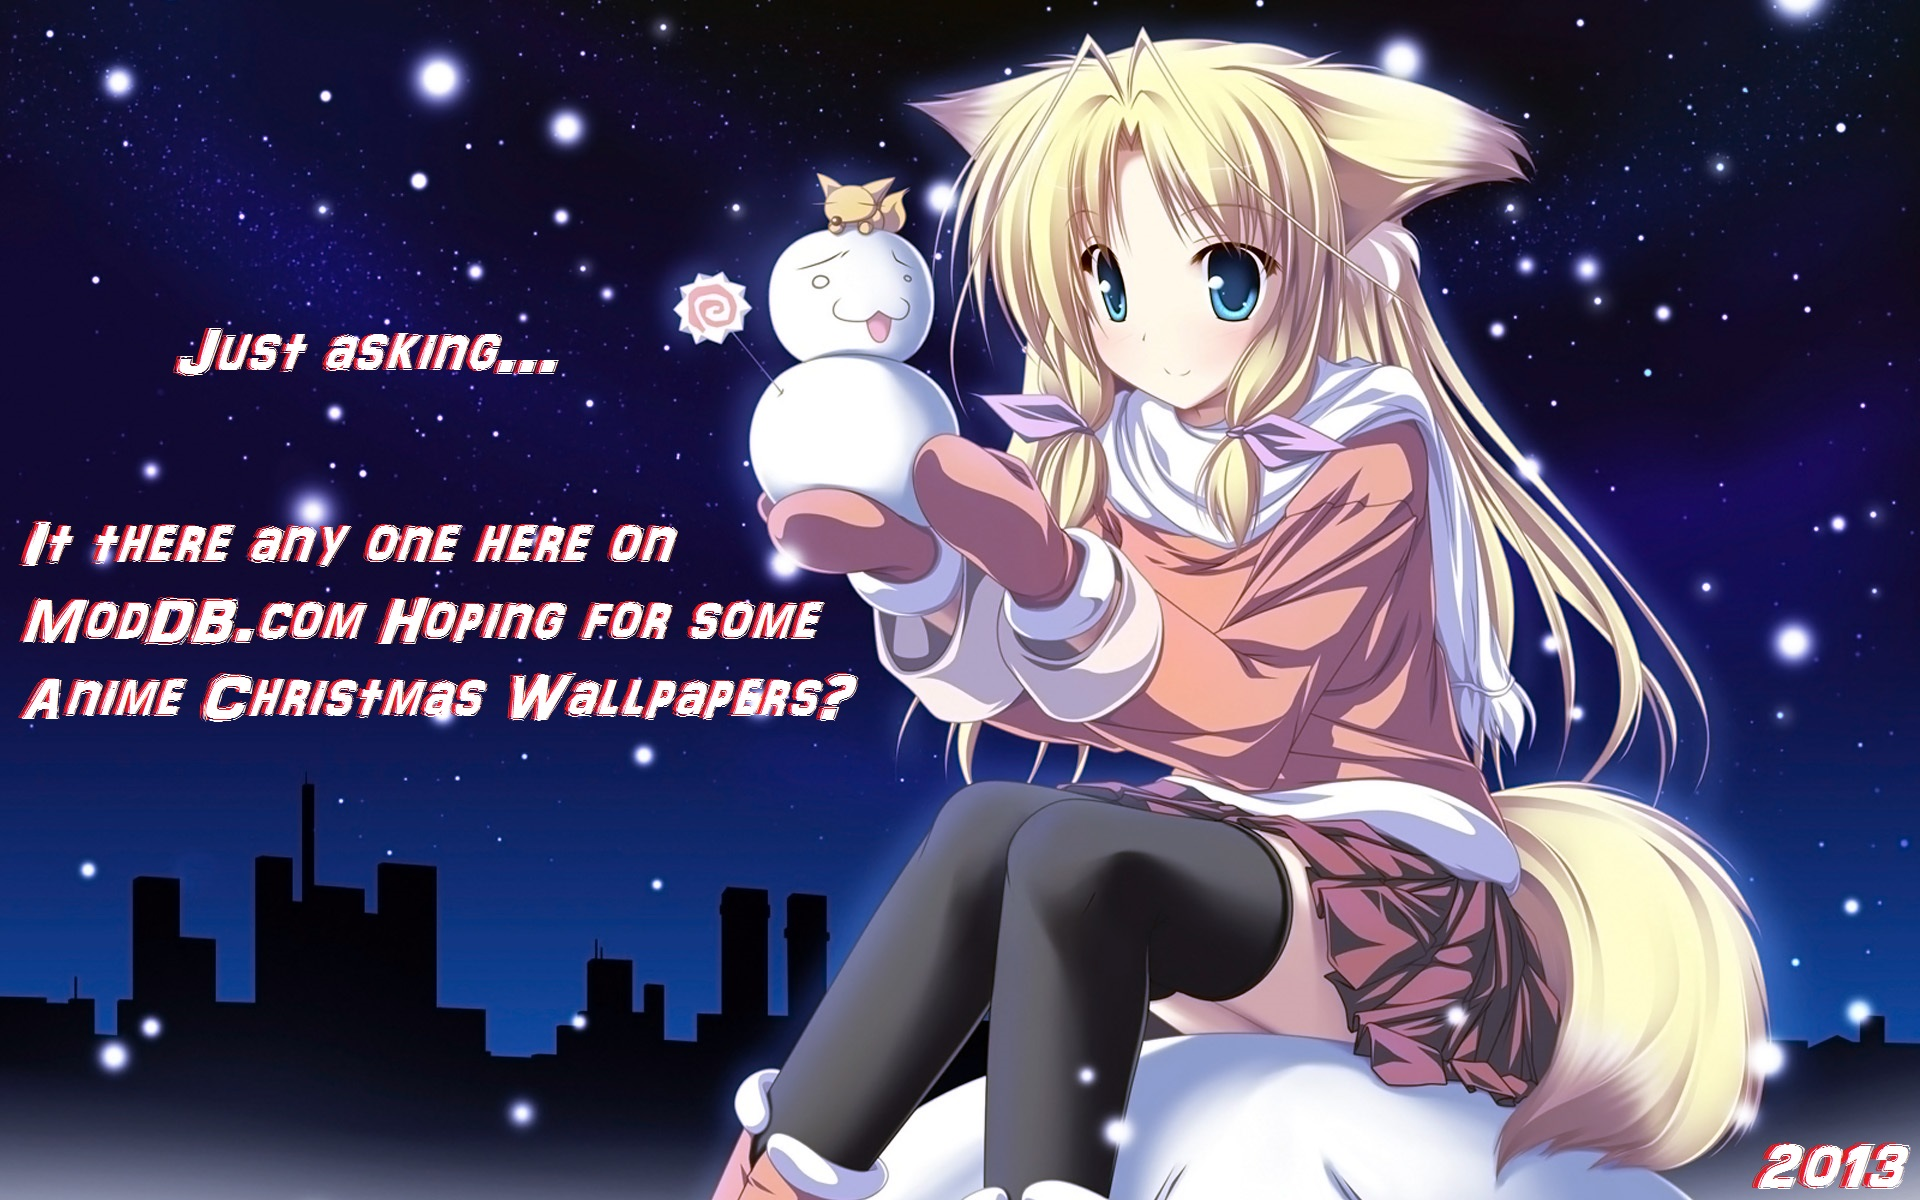 Anime Christmas Wallpaper.Anime Christmas Wallpapers Just Asking Image Indie Db